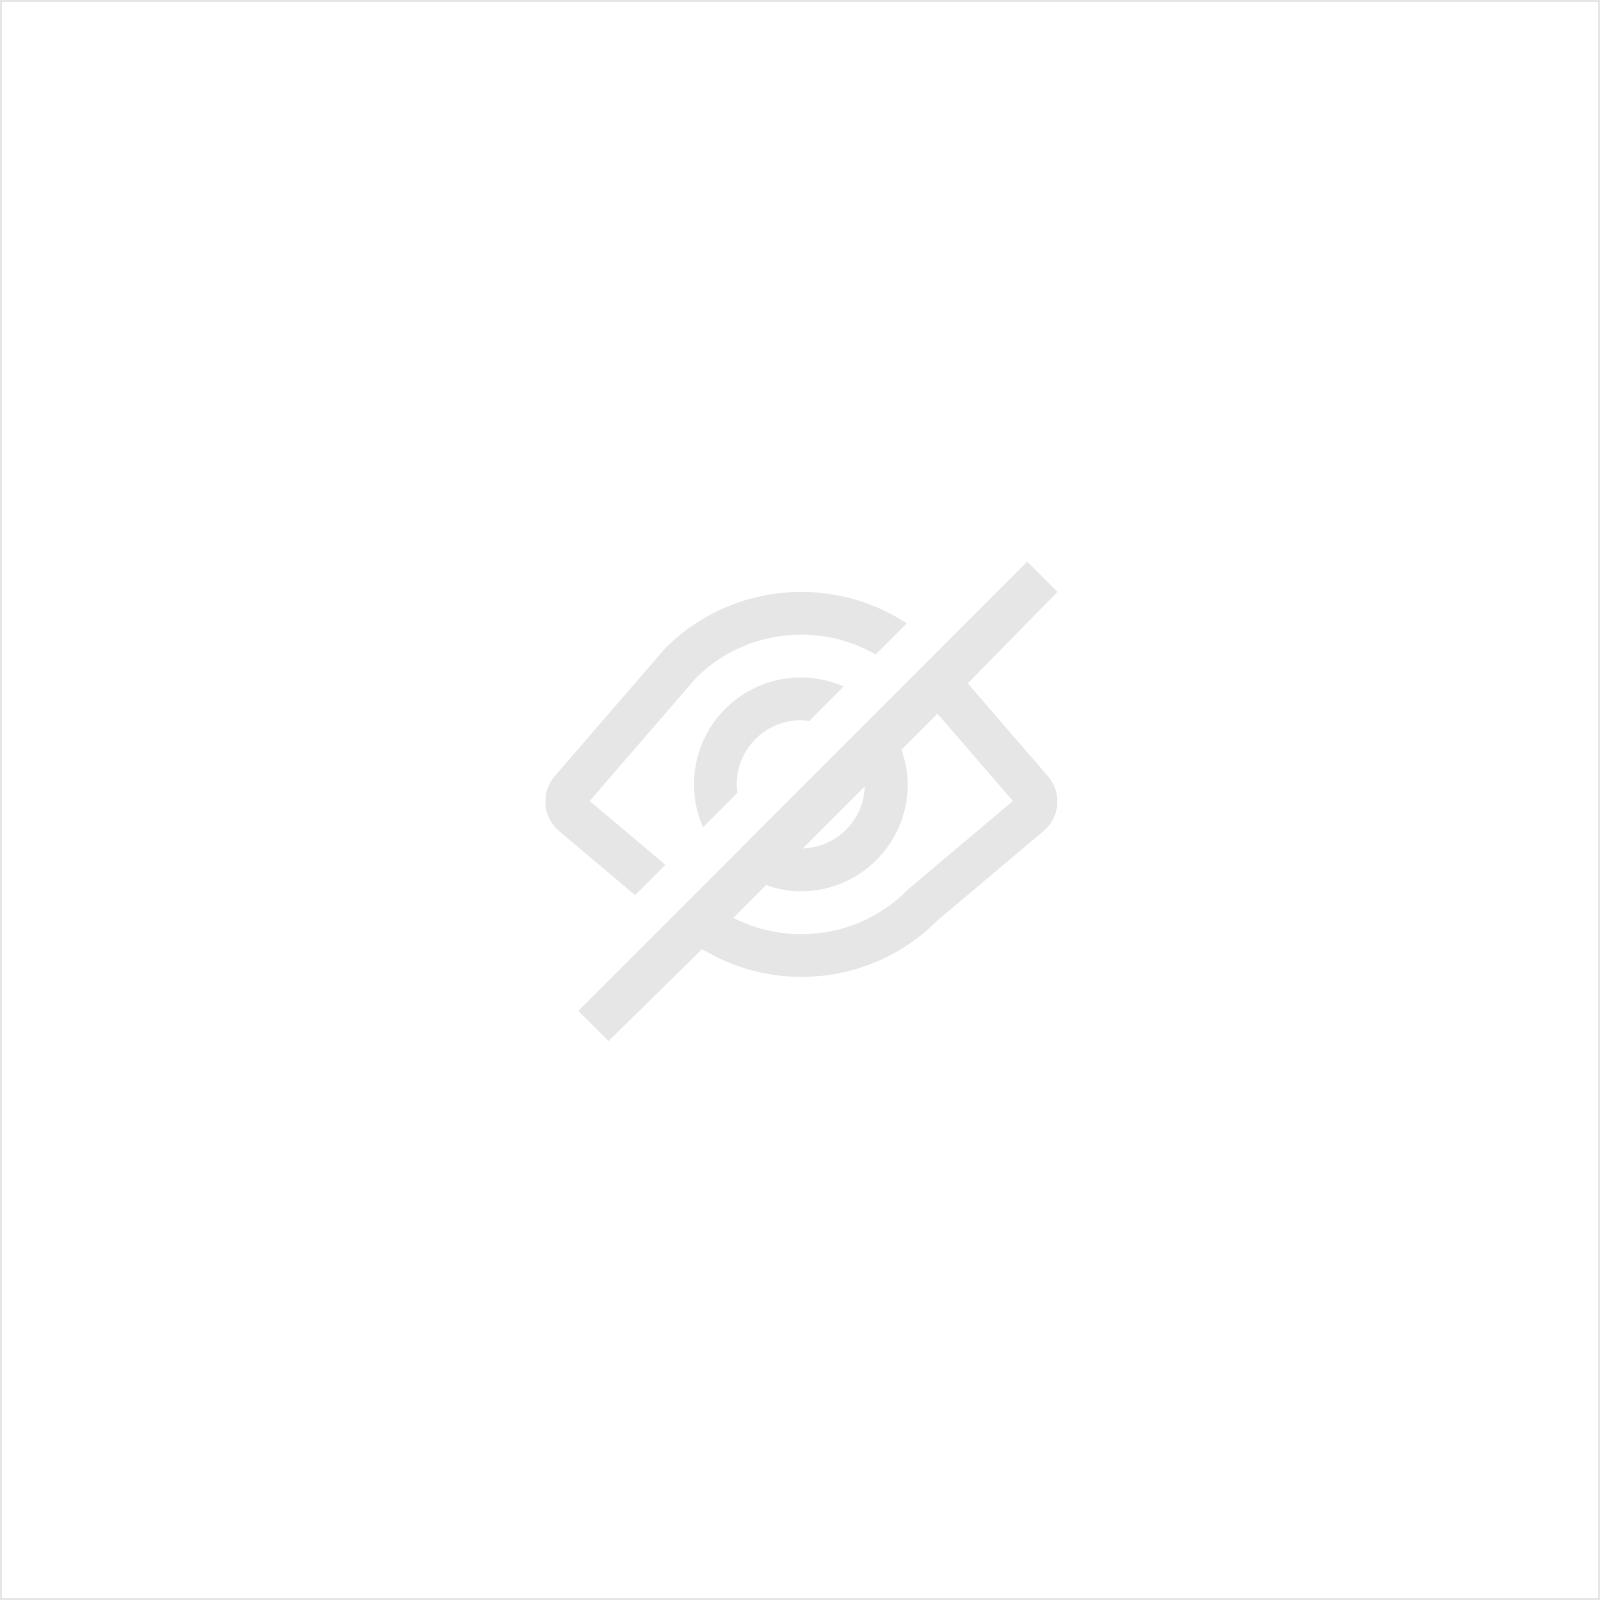 ZELFKLEVEND SCHUURPAPIER P320 - 70 MM x 25 METER